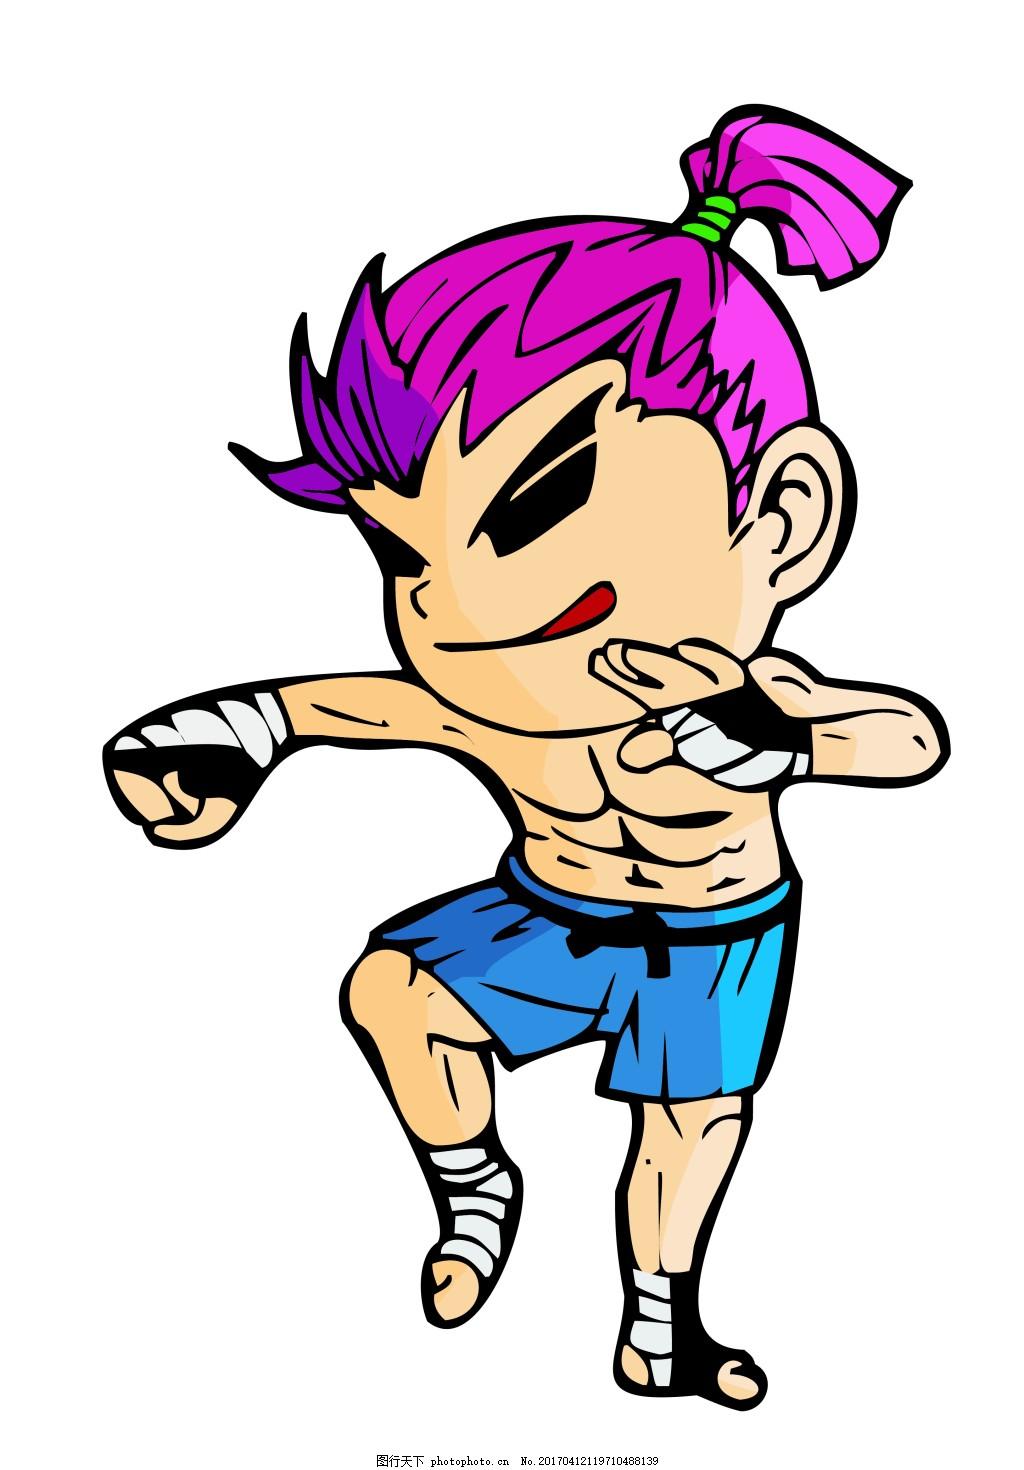 可爱卡通运动员 卡通运动员 矢量运动员矢量卡通人物大全 日常生活 矢